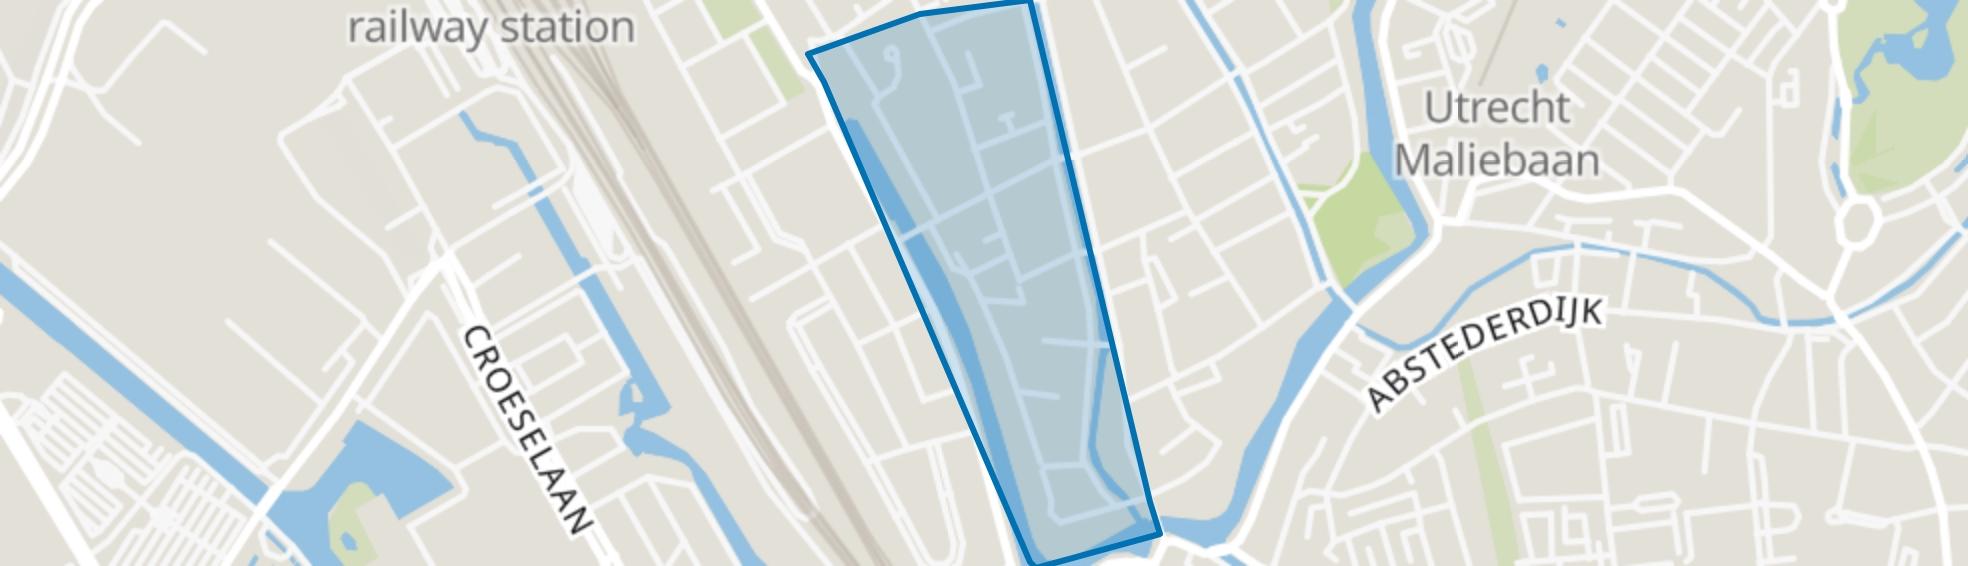 Springweg en omgeving Geertebuurt, Utrecht map